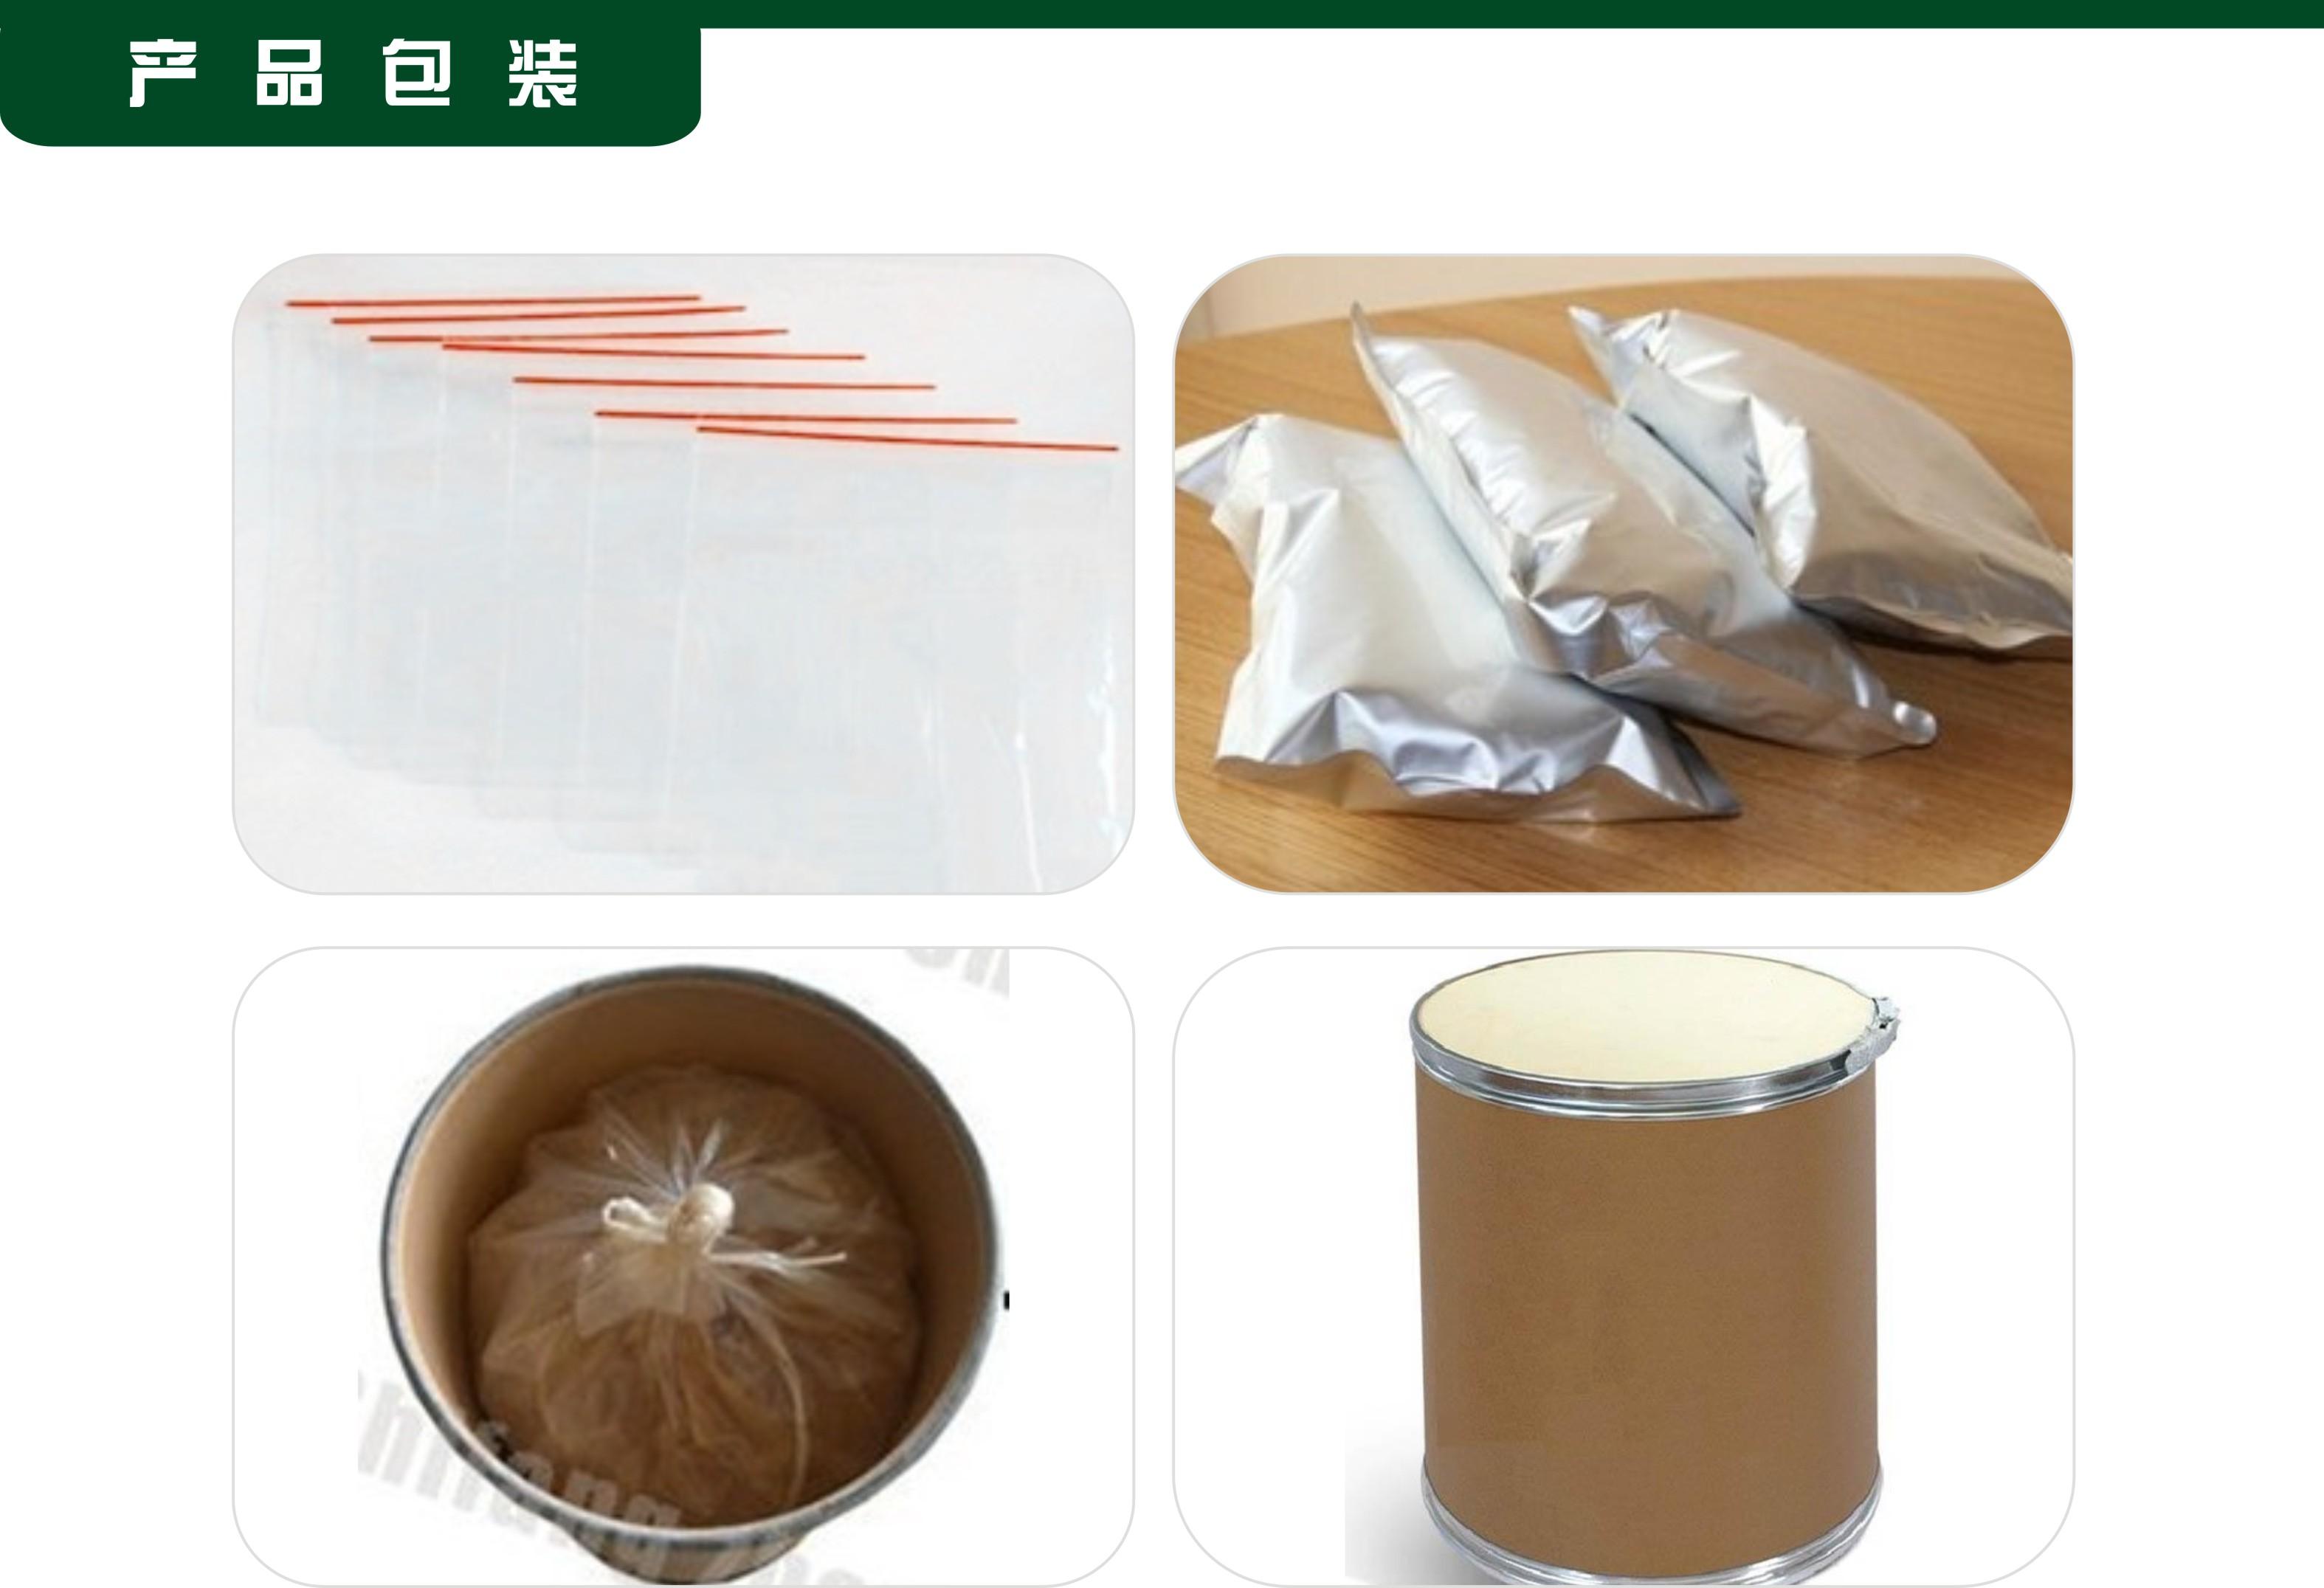 廠家供應卡瓦提取物  卡瓦內酯  瓦努阿圖進口原料  品質佳示例圖5